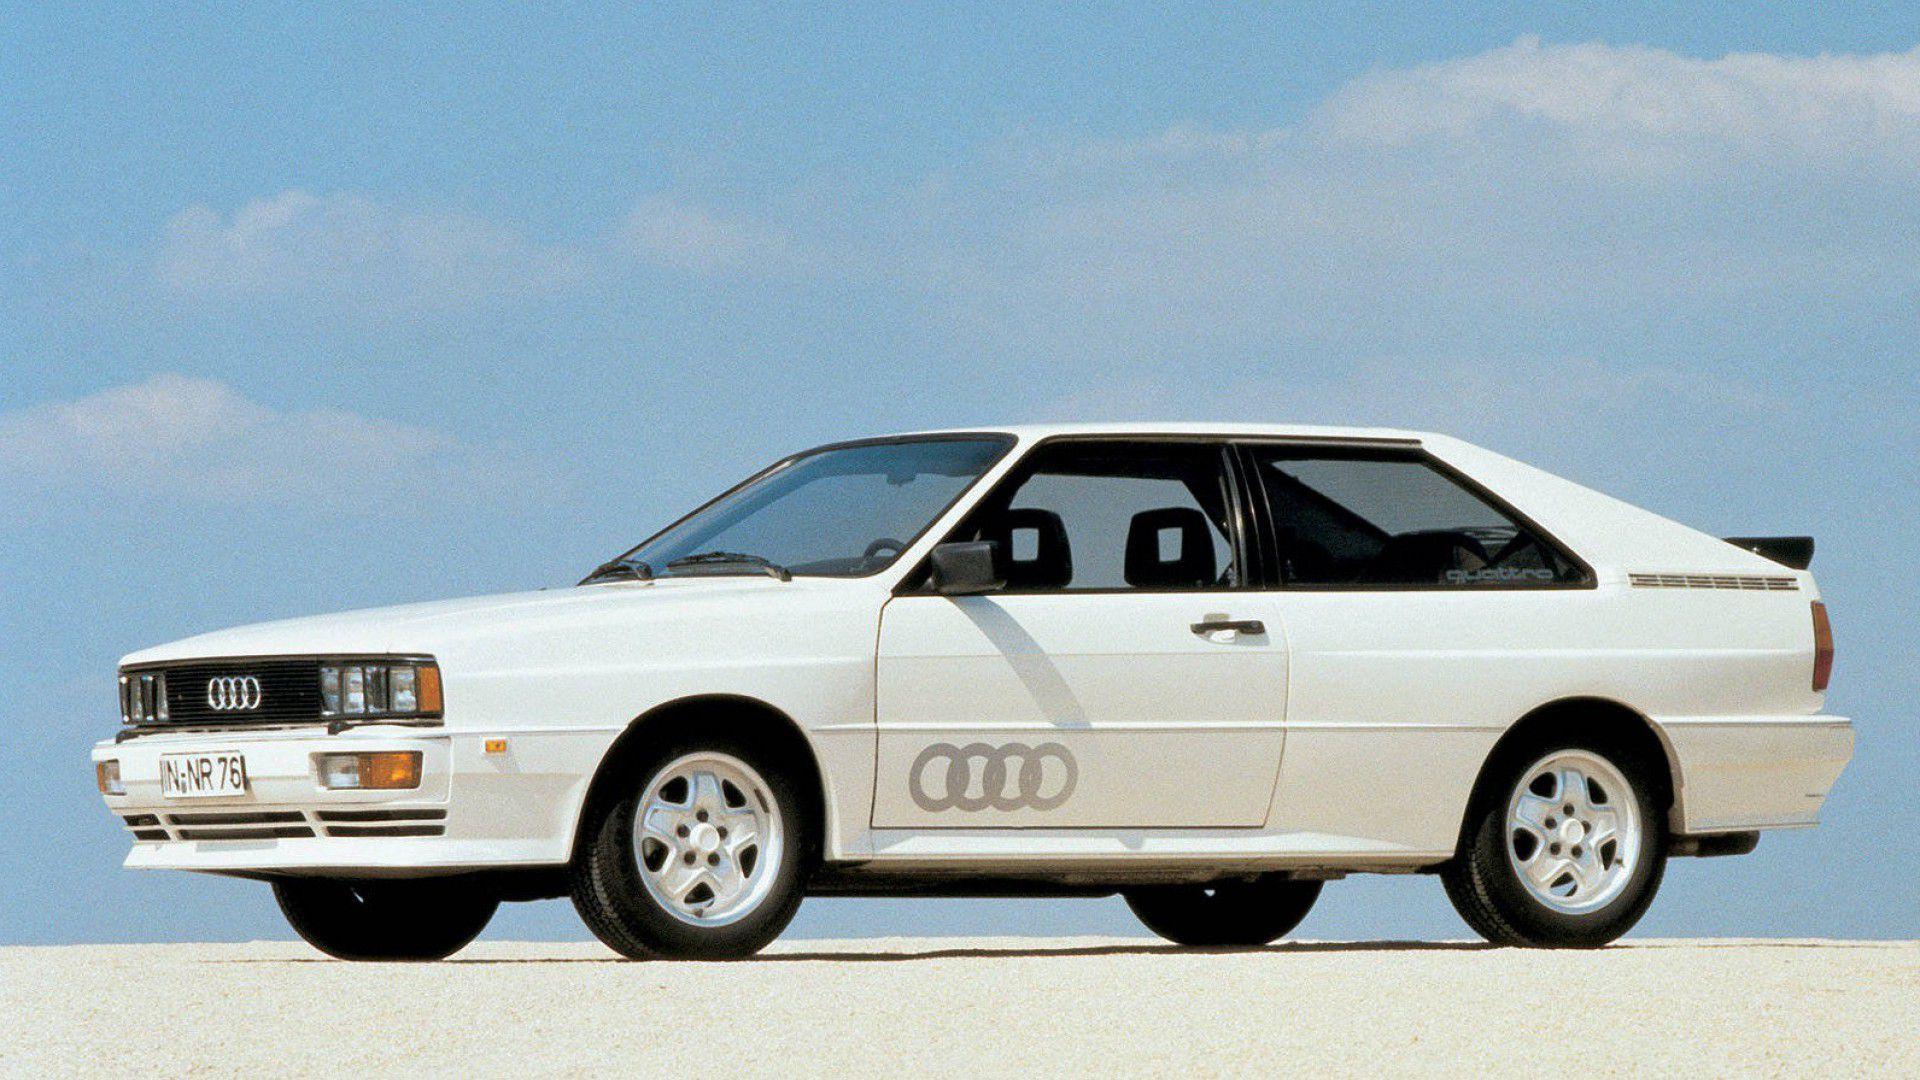 Audi Quattro (1980 to 1991)